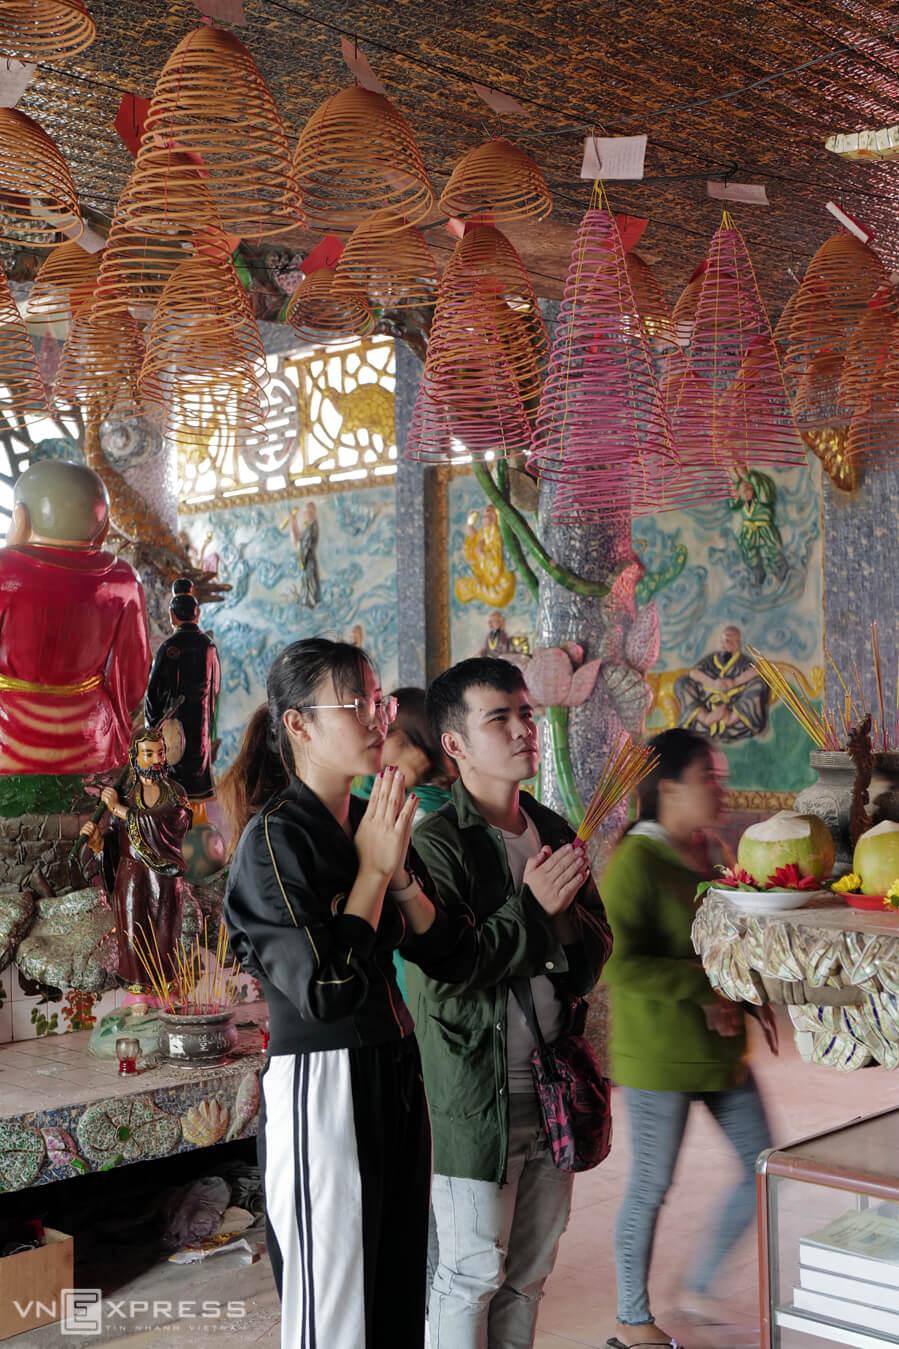 Phần lớn người đến viếng miếu thường cầu tình duyên, con cái và sự bình an.